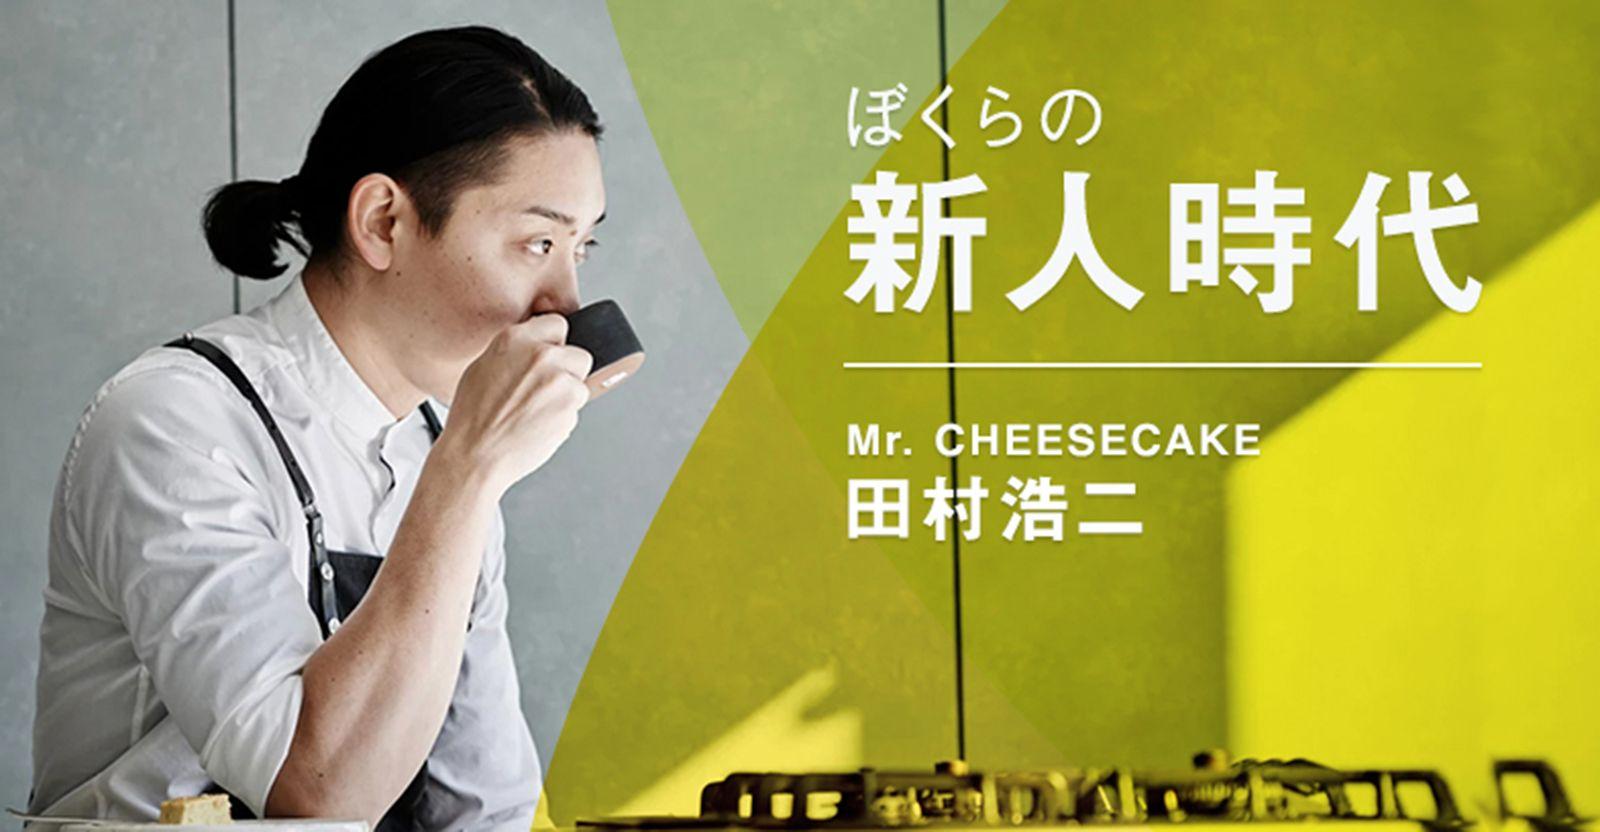 料理の世界にSNSで風穴を。32歳でシェフ卒業、Mr. CHEESECAKE 田村浩二の挑戦